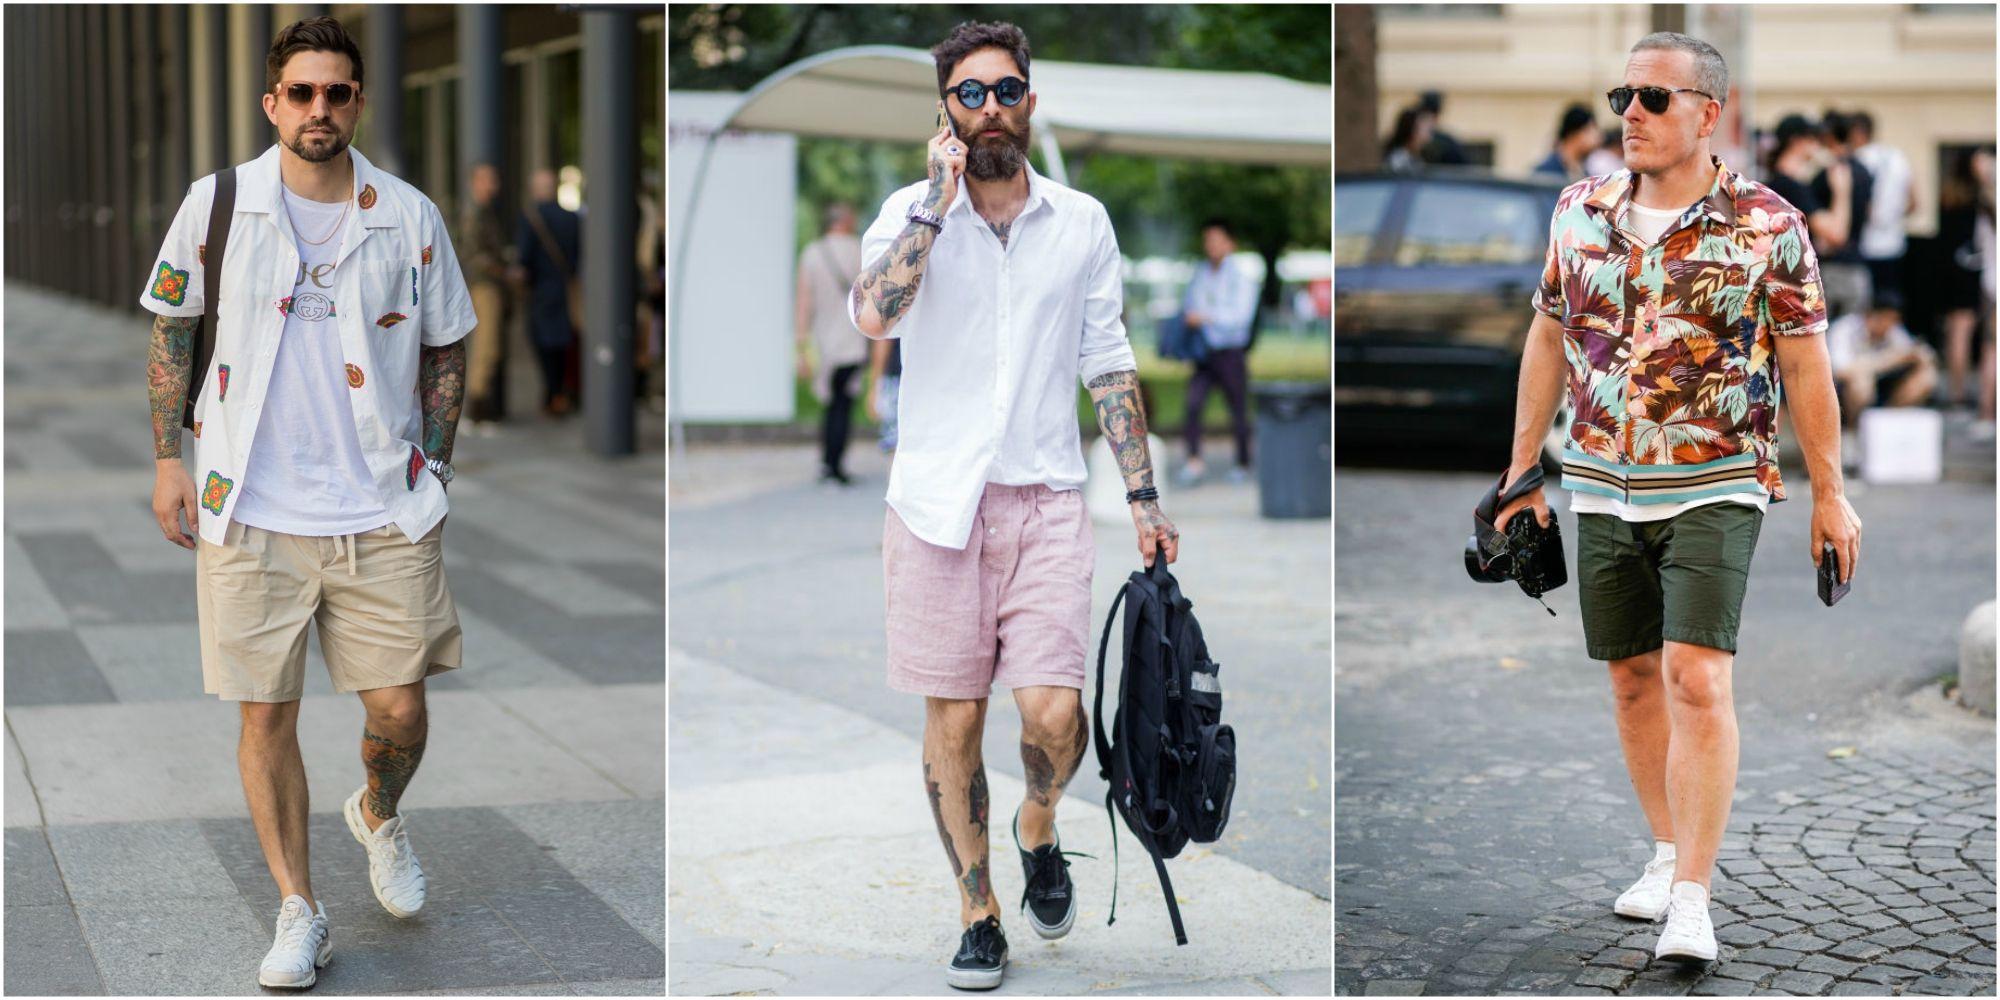 Uomo Moda Pantaloncini Moda Moda 2018 2018 Uomo Pantaloncini Uomo Pantaloncini Pantaloncini 2018 ulwPkXOZiT